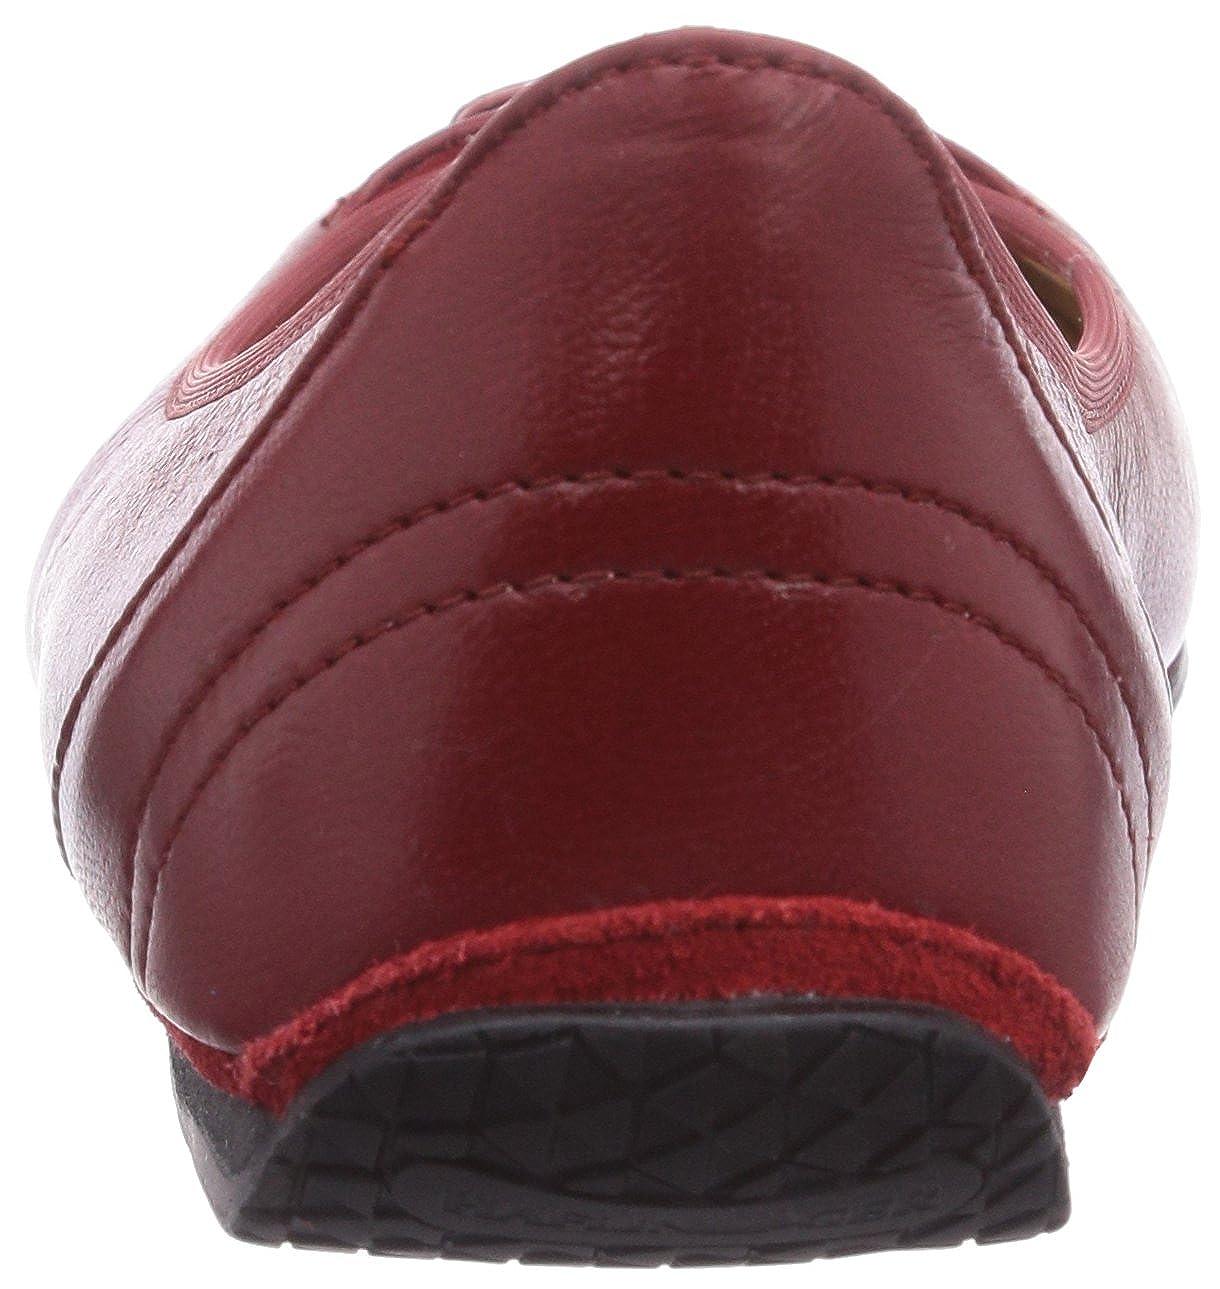 Haflinger Sporty Tessa Damen Geschlossene Ballerinas Rot (Chilli/92) (Chilli/92) Rot f078ea